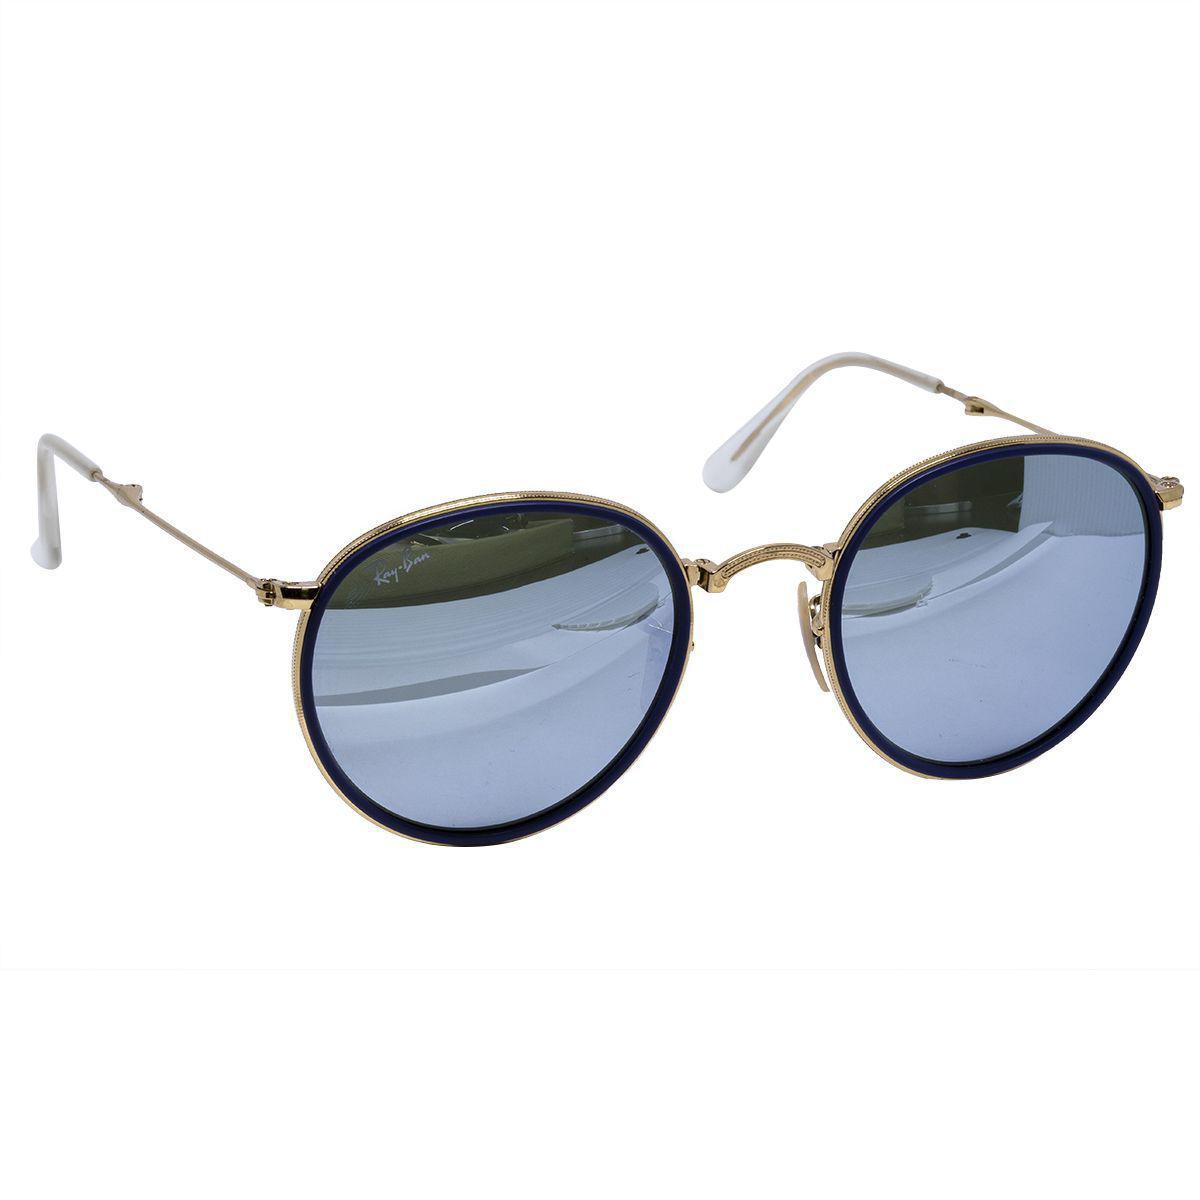 40a33a408 Óculos de Sol Ray Ban Round Gold Dobrável RB3517 - Metal Dourado, Lente  Espelhada Azul Produto não disponível